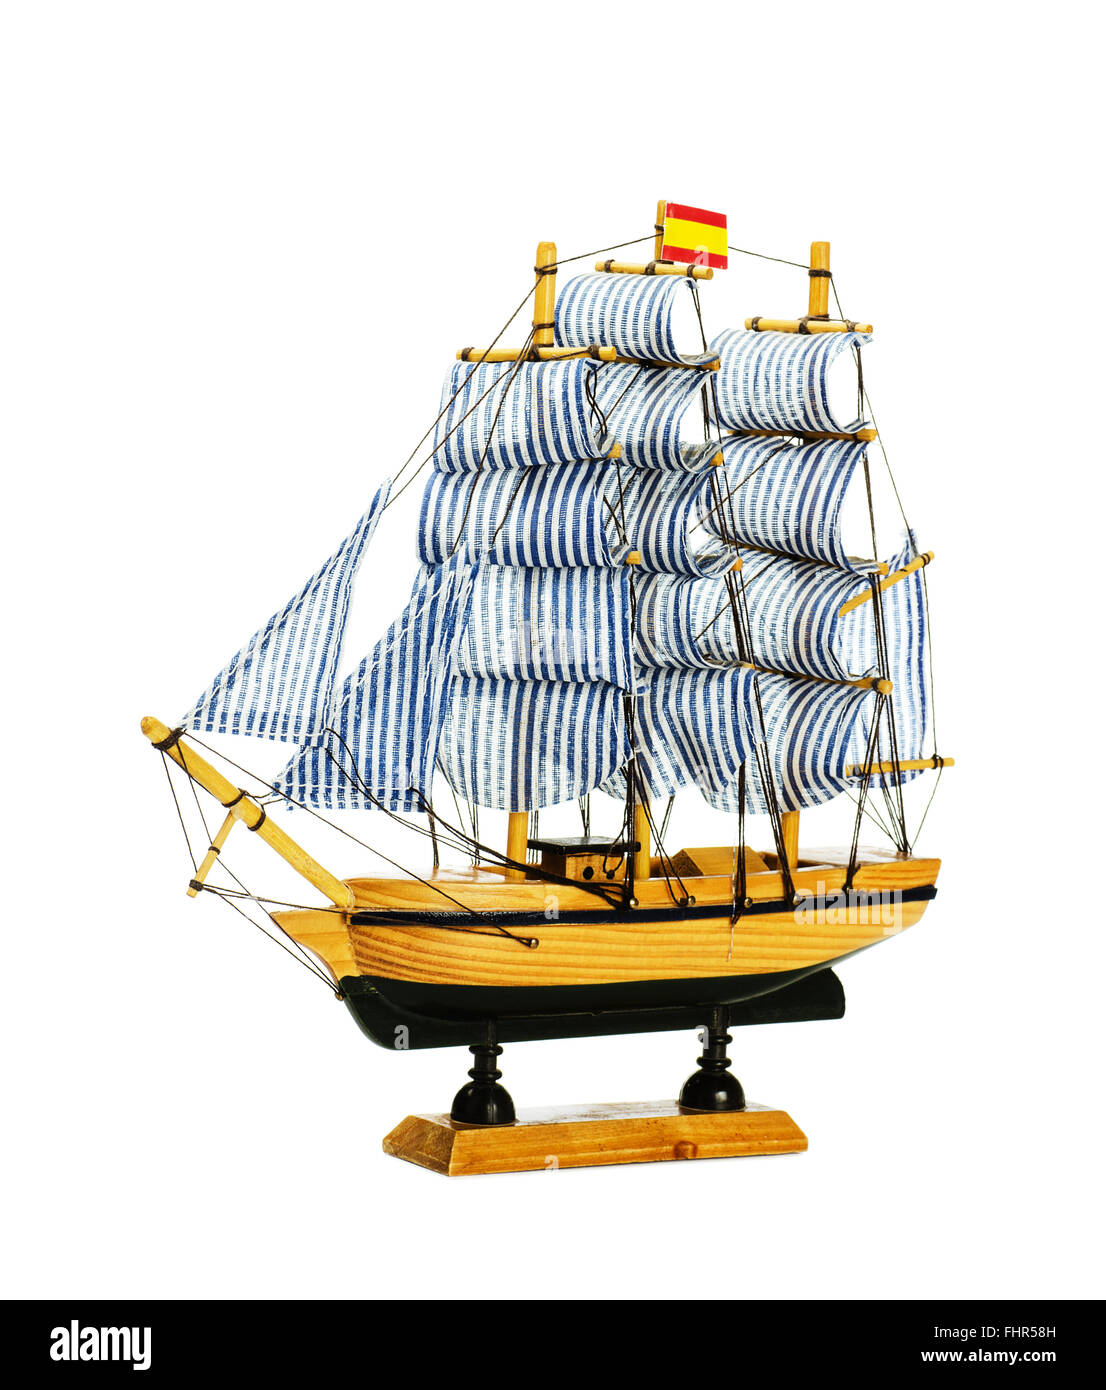 Schiffsmodell isoliert auf weißem Hintergrund Stockbild